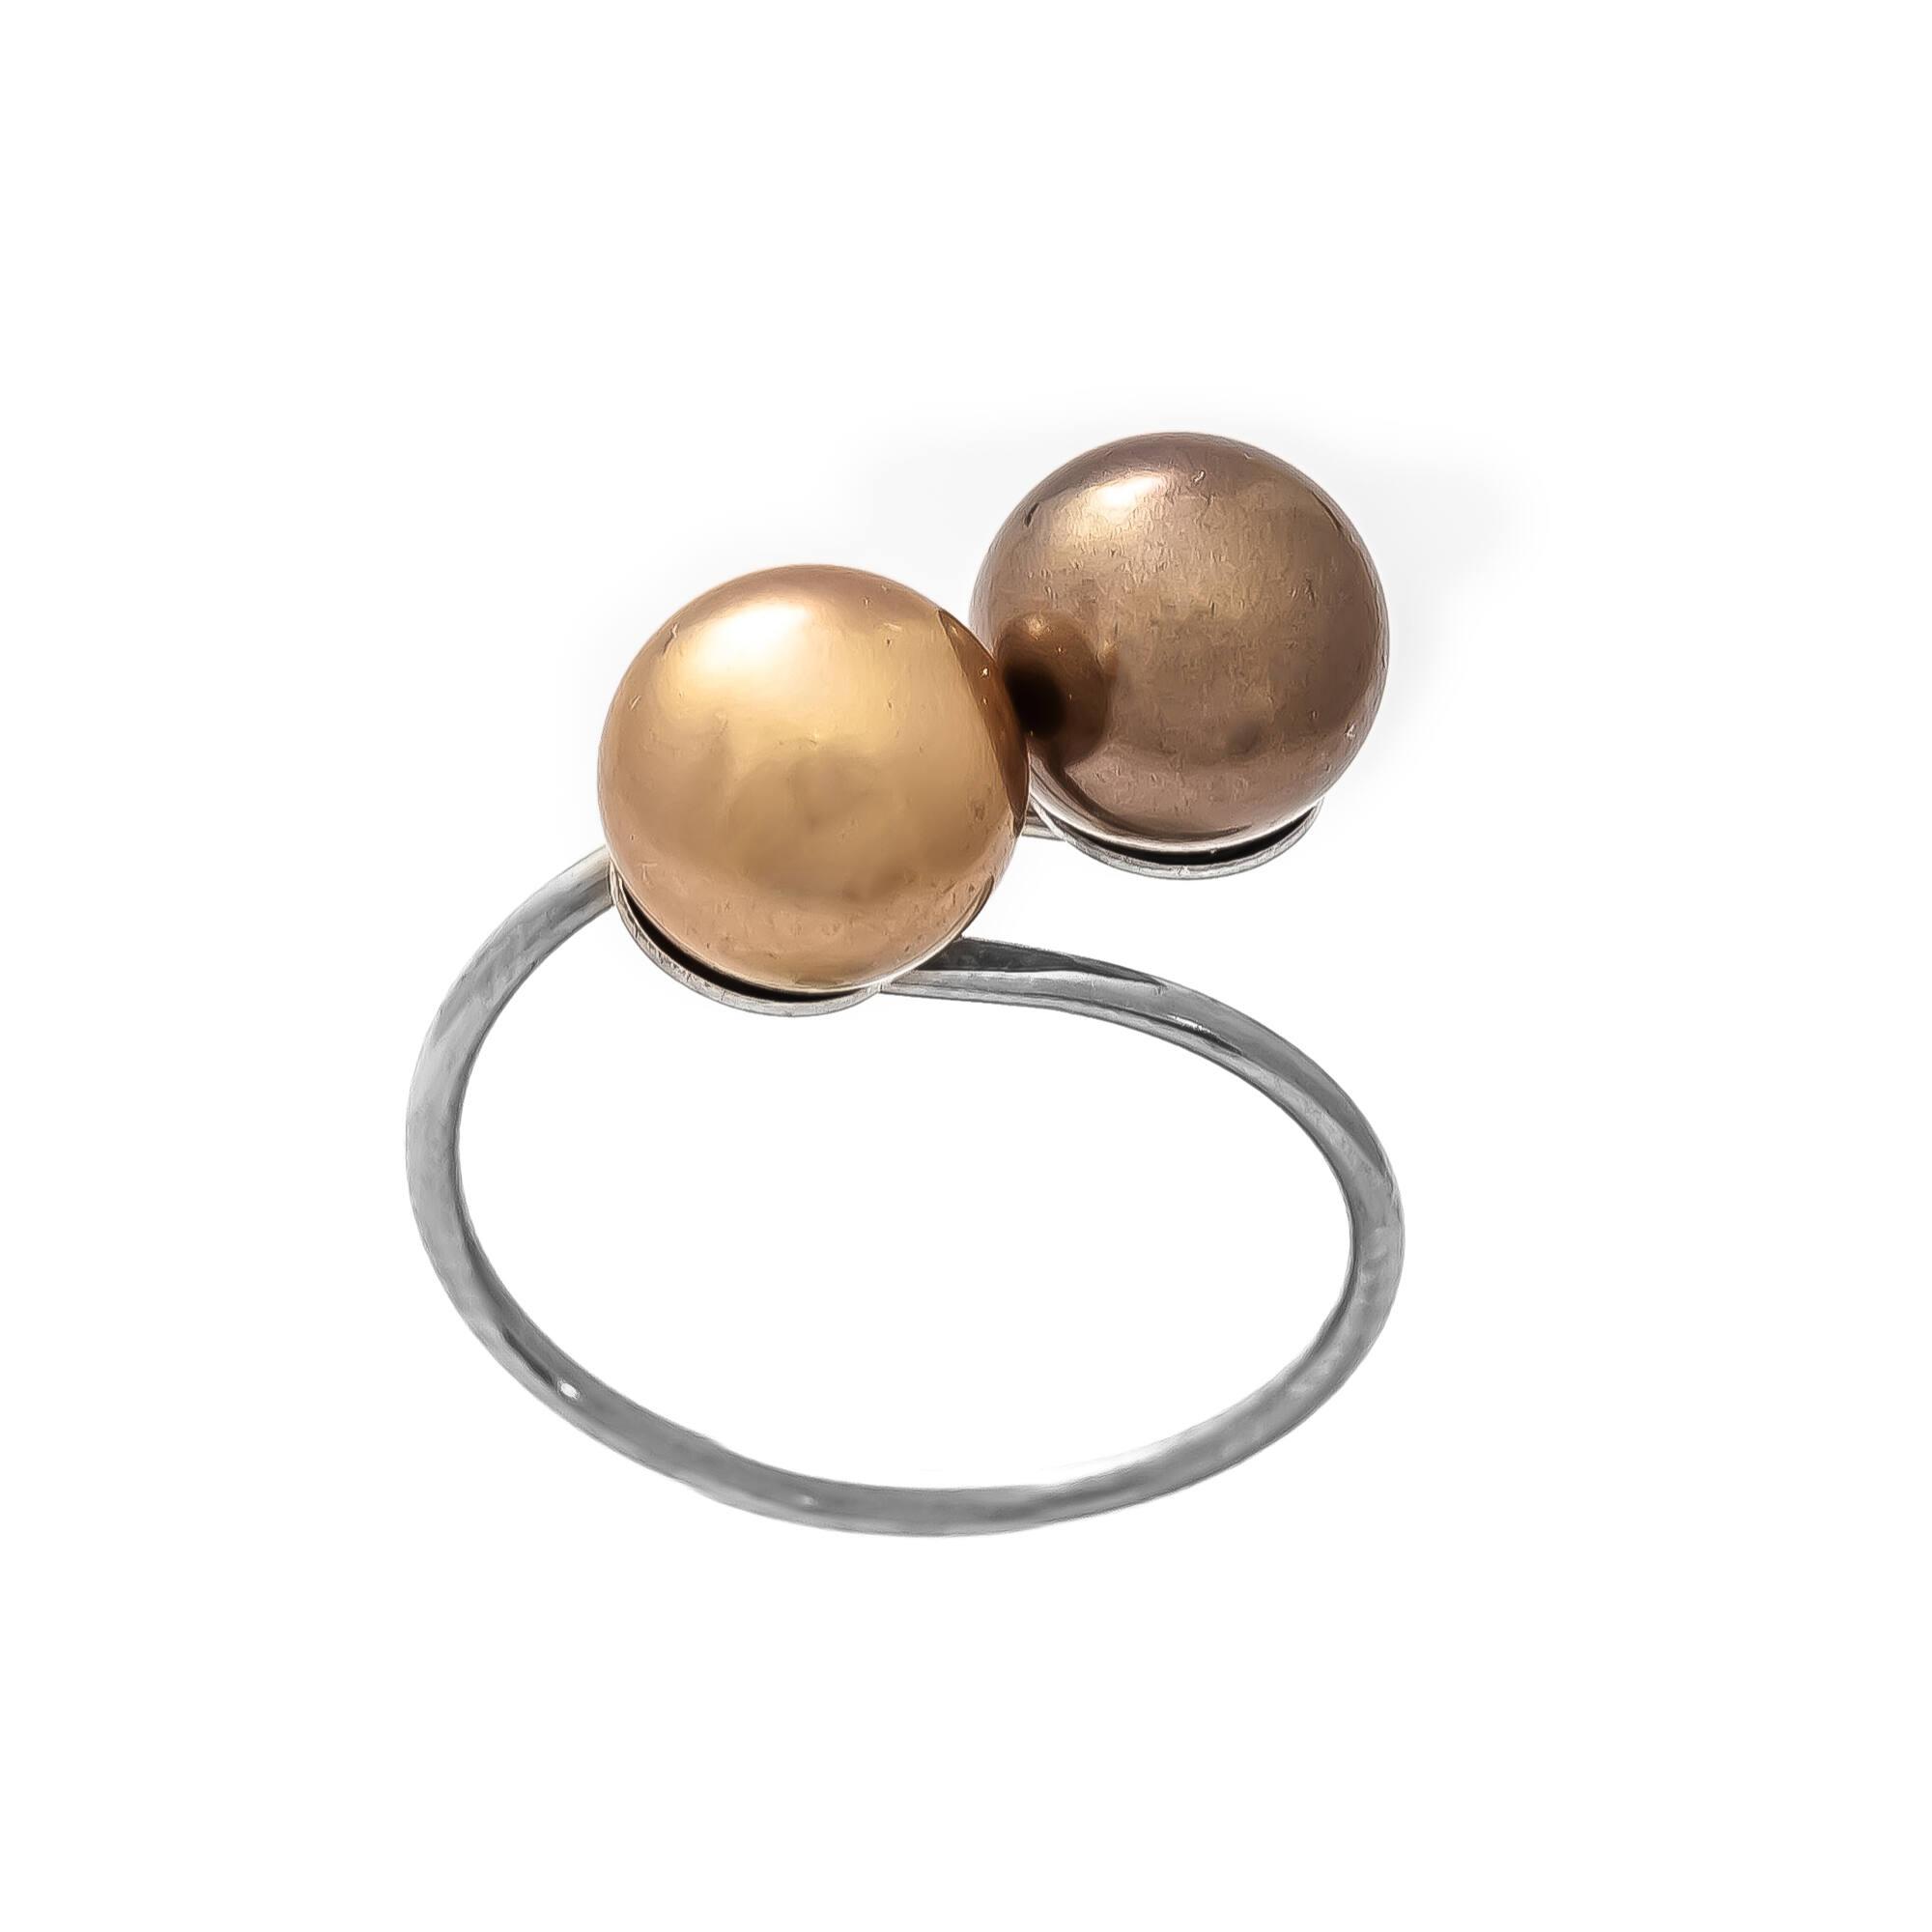 GYÖNGY GYŰRŰ - bronz /brown